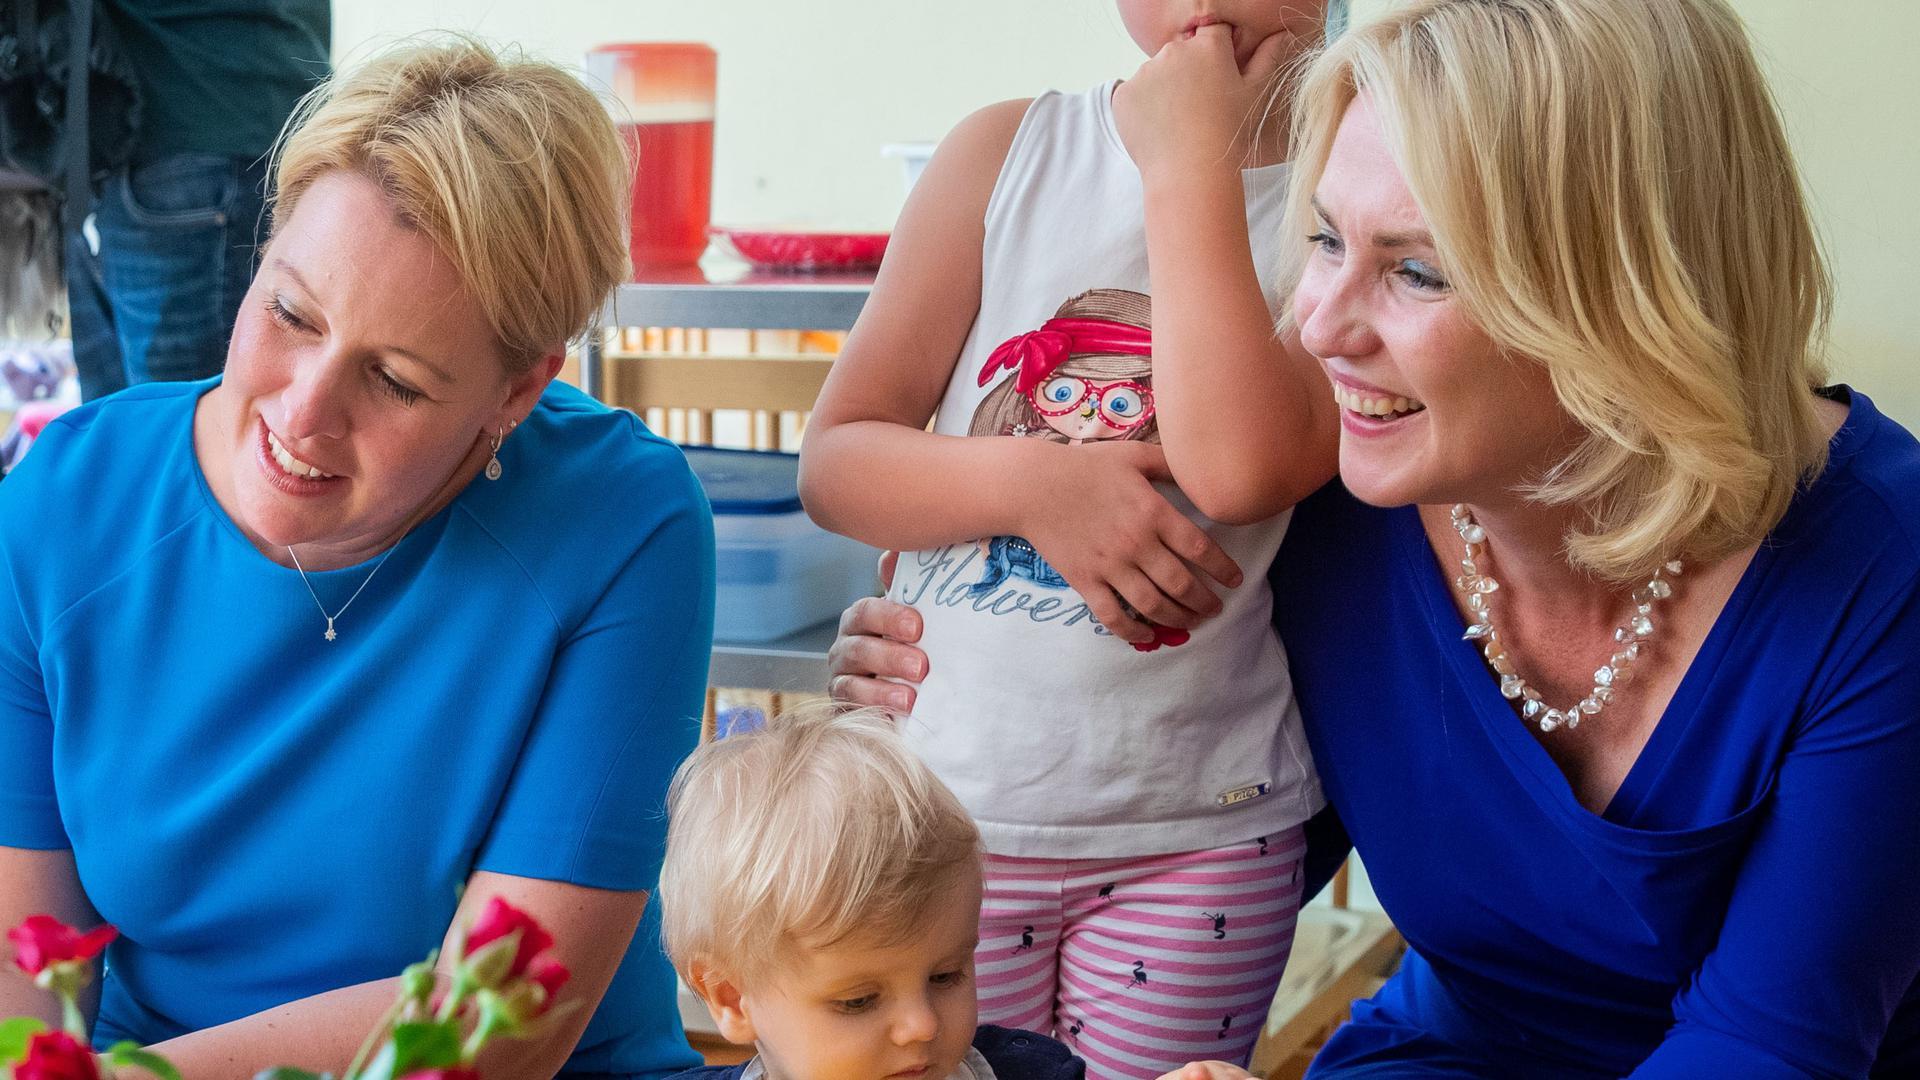 Wahlsiegerinnen: Franziska Giffey (links) und Manuela Schwesig (rechts) setzen sich bei den Wahlen in Berlin und Mecklenburg-Vorpommern durch und vervollständigen damit den SPD-Triumph.